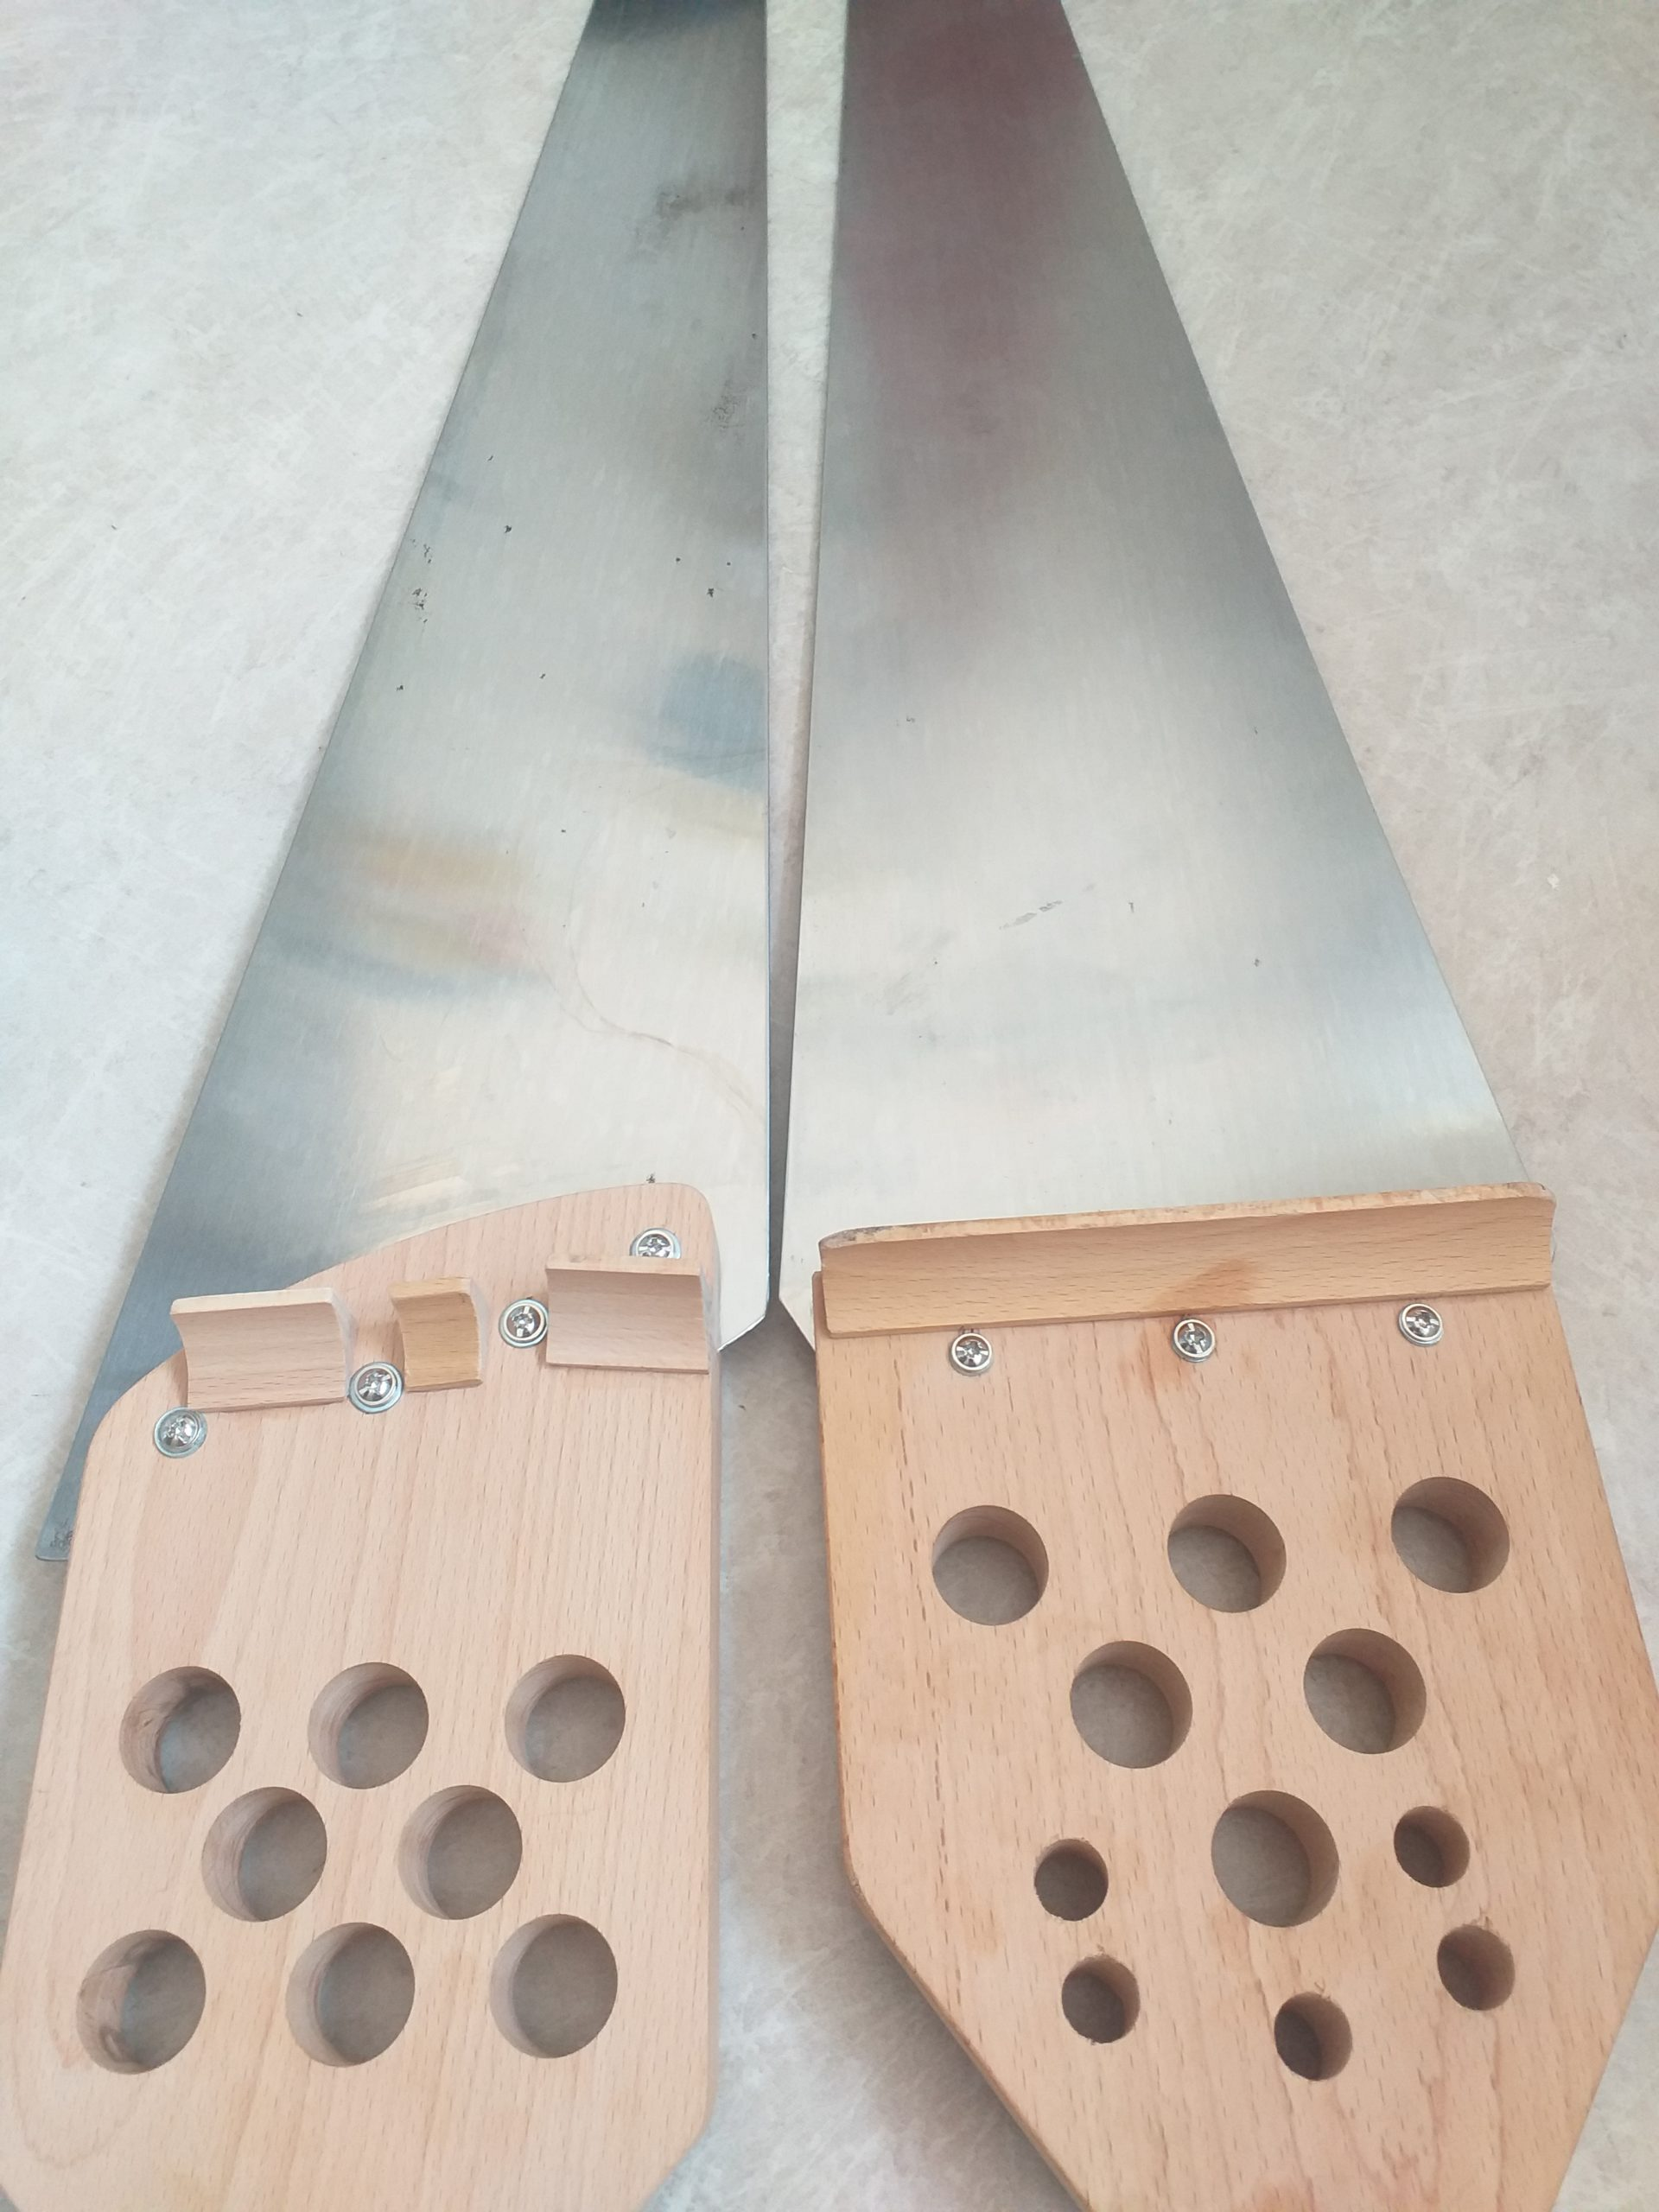 modèle symphonie à droite et modele special à gauche